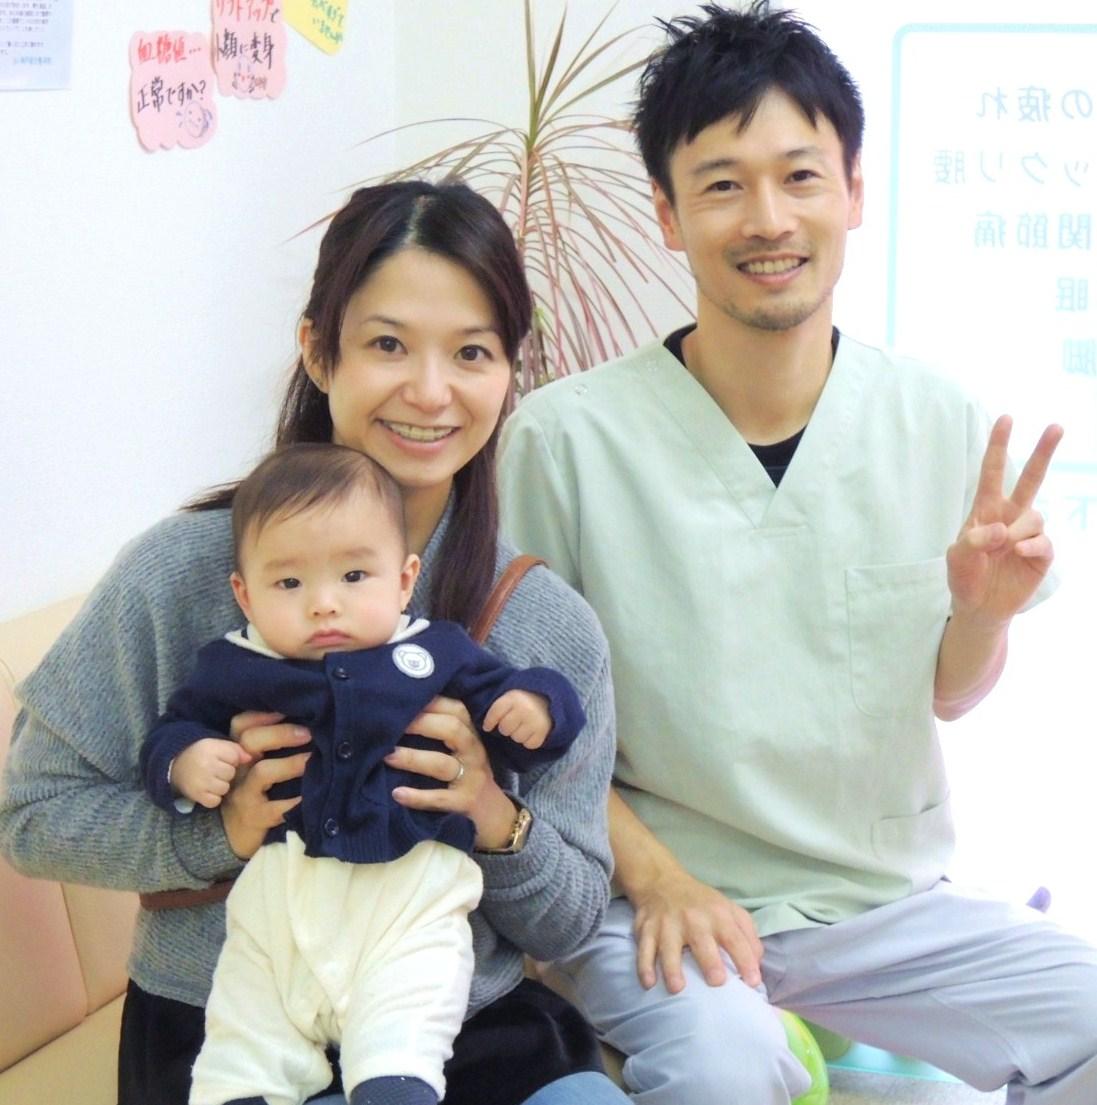 産後の骨盤矯正 神戸市中央区 田中さま